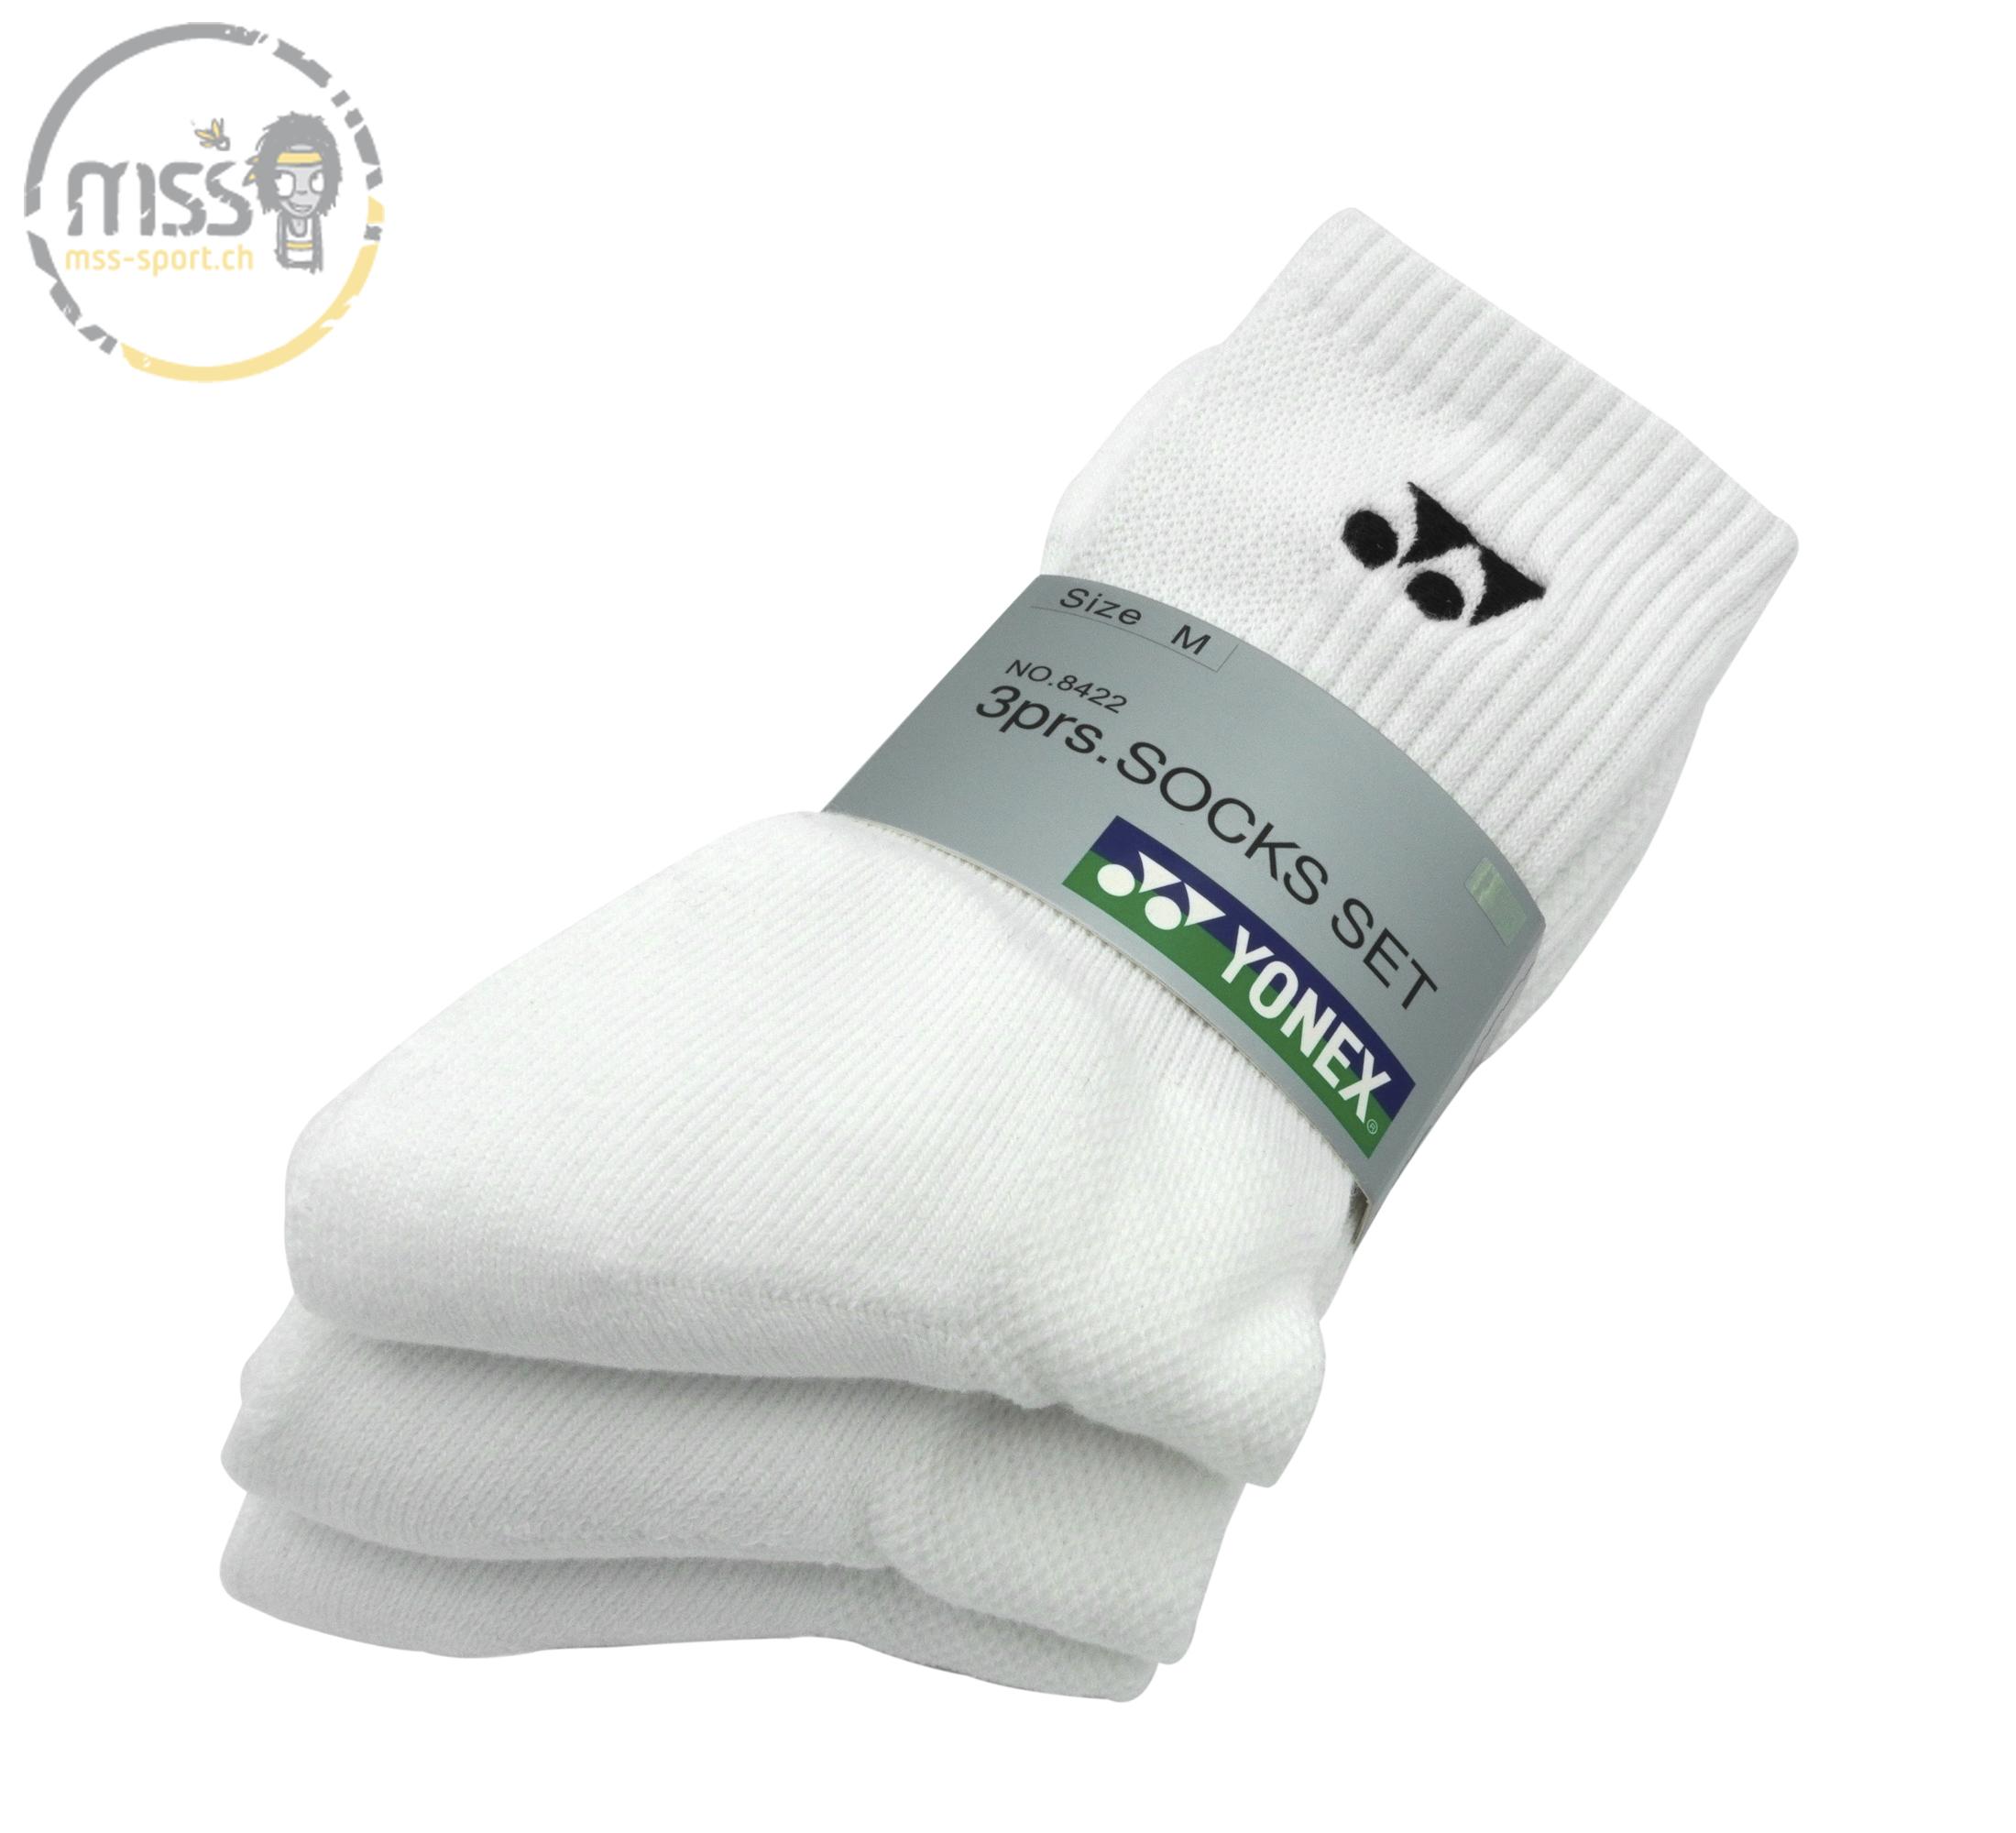 Yonex Sock long 8422 white 3 Pack 40-45